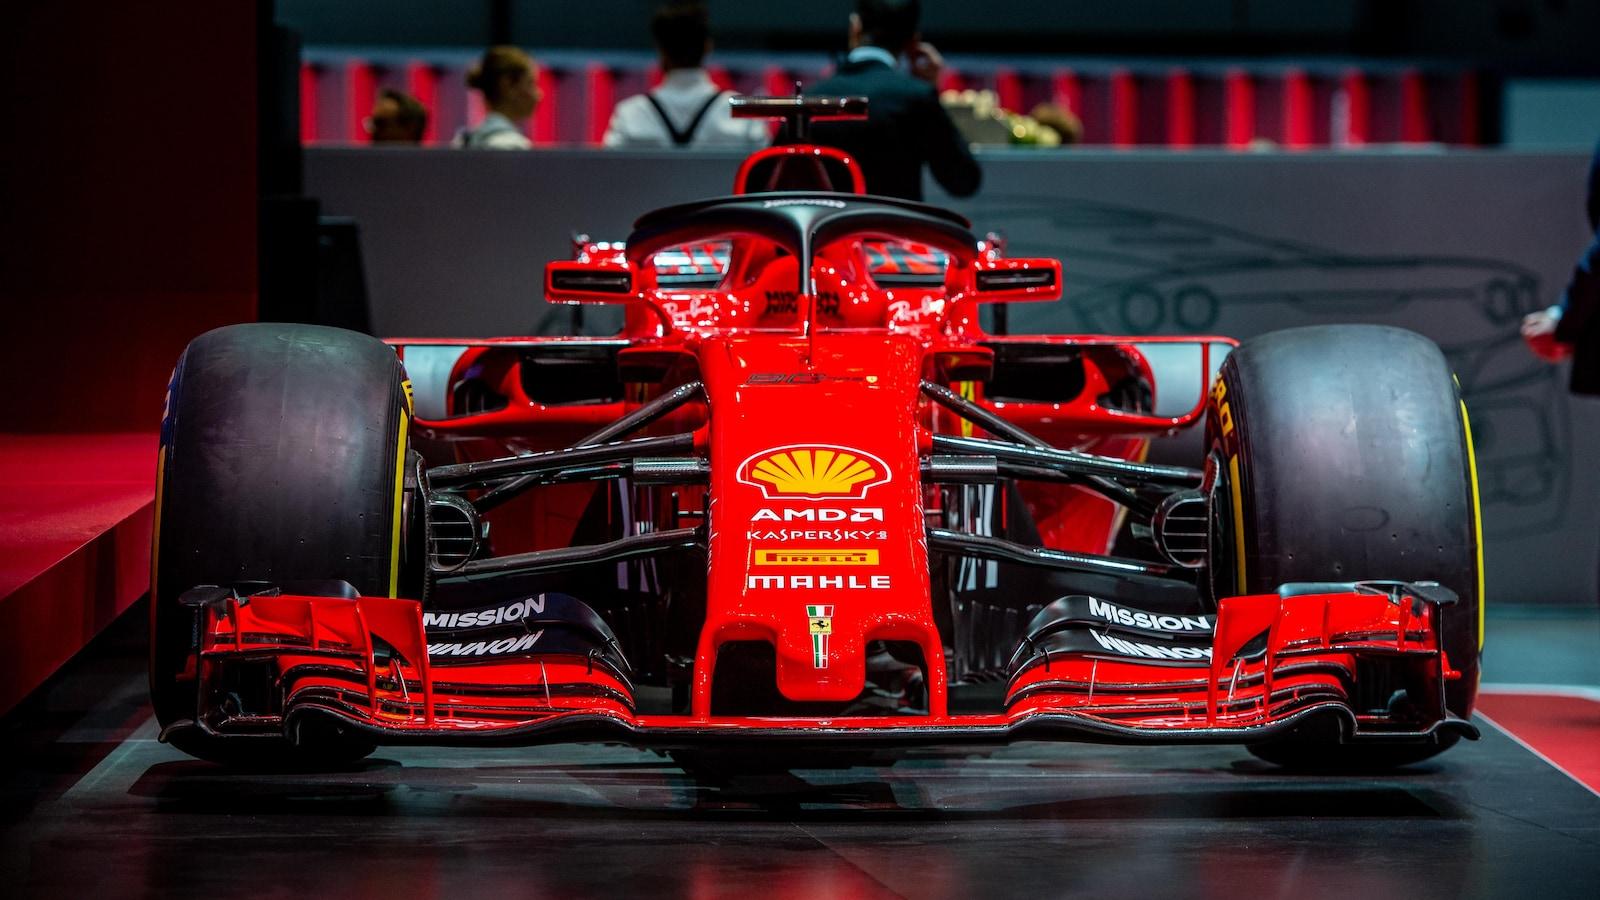 La monoplace de Ferrari est présentée au 89e Salon international de l'auto de Genève, en Suisse.